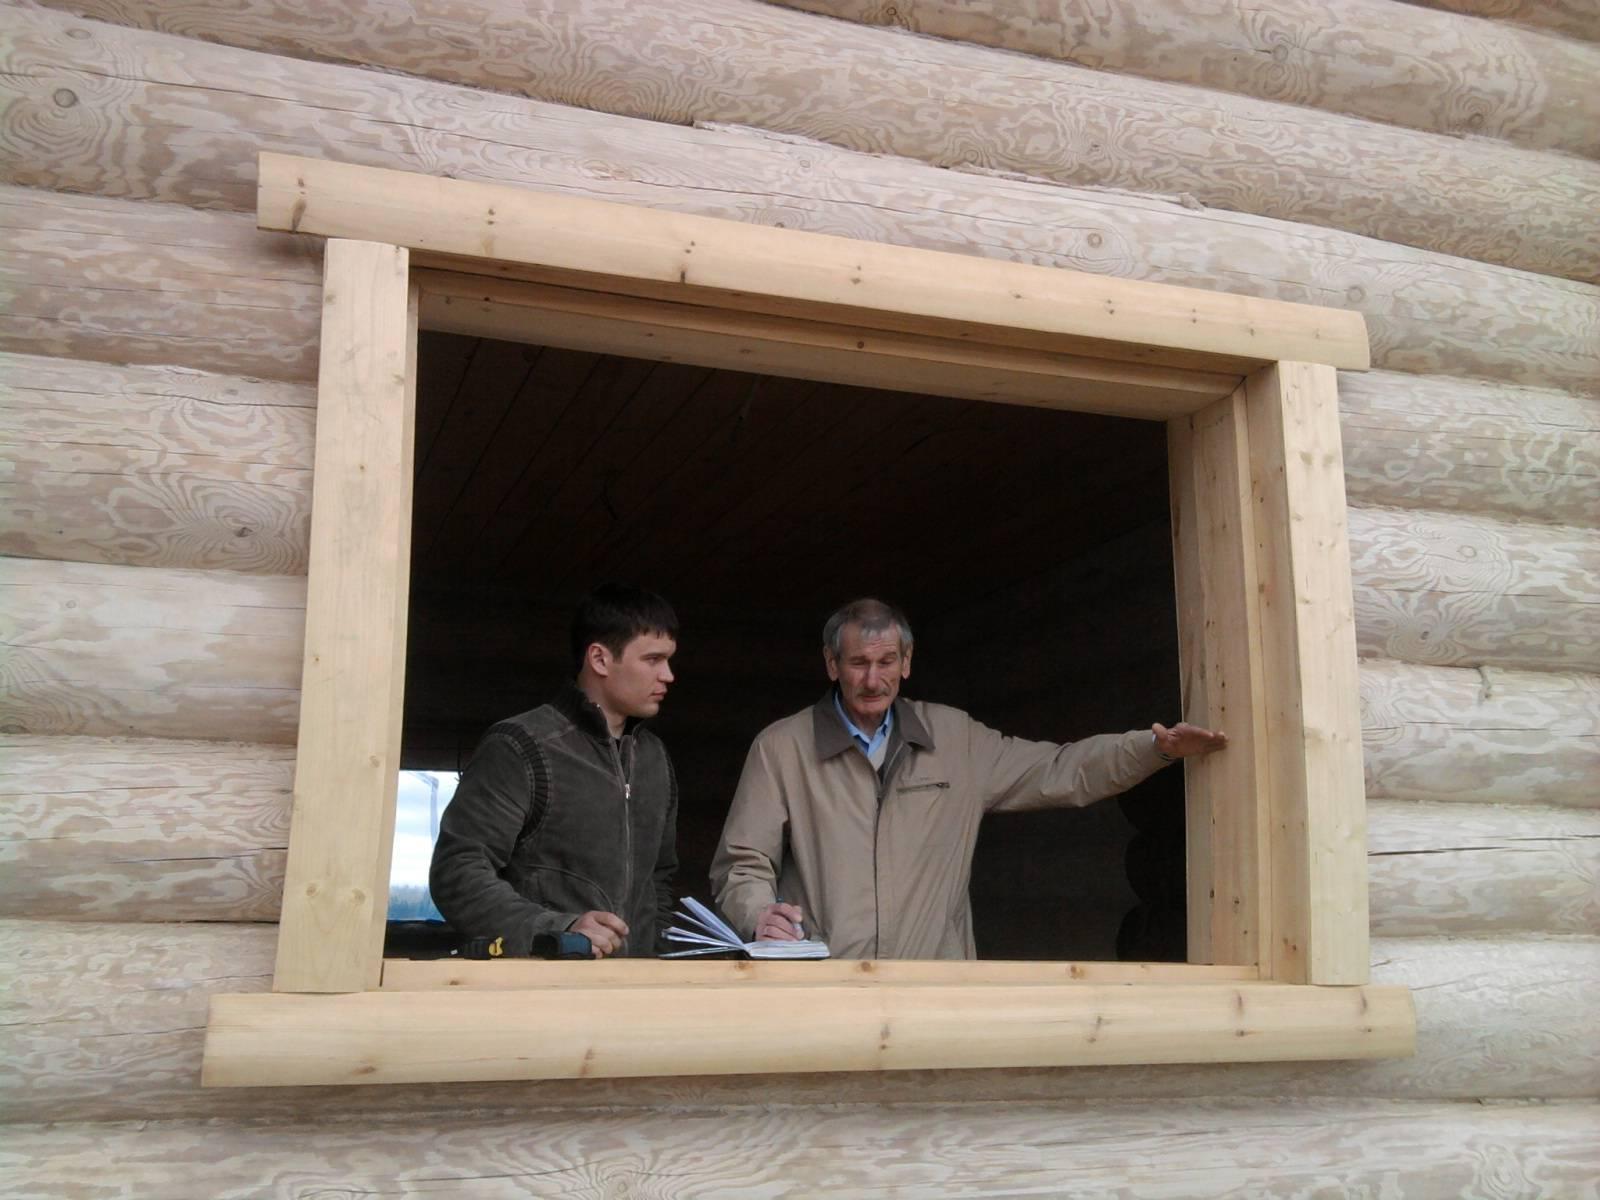 Установка пластиковых окон в деревянном доме – правила и ошибки